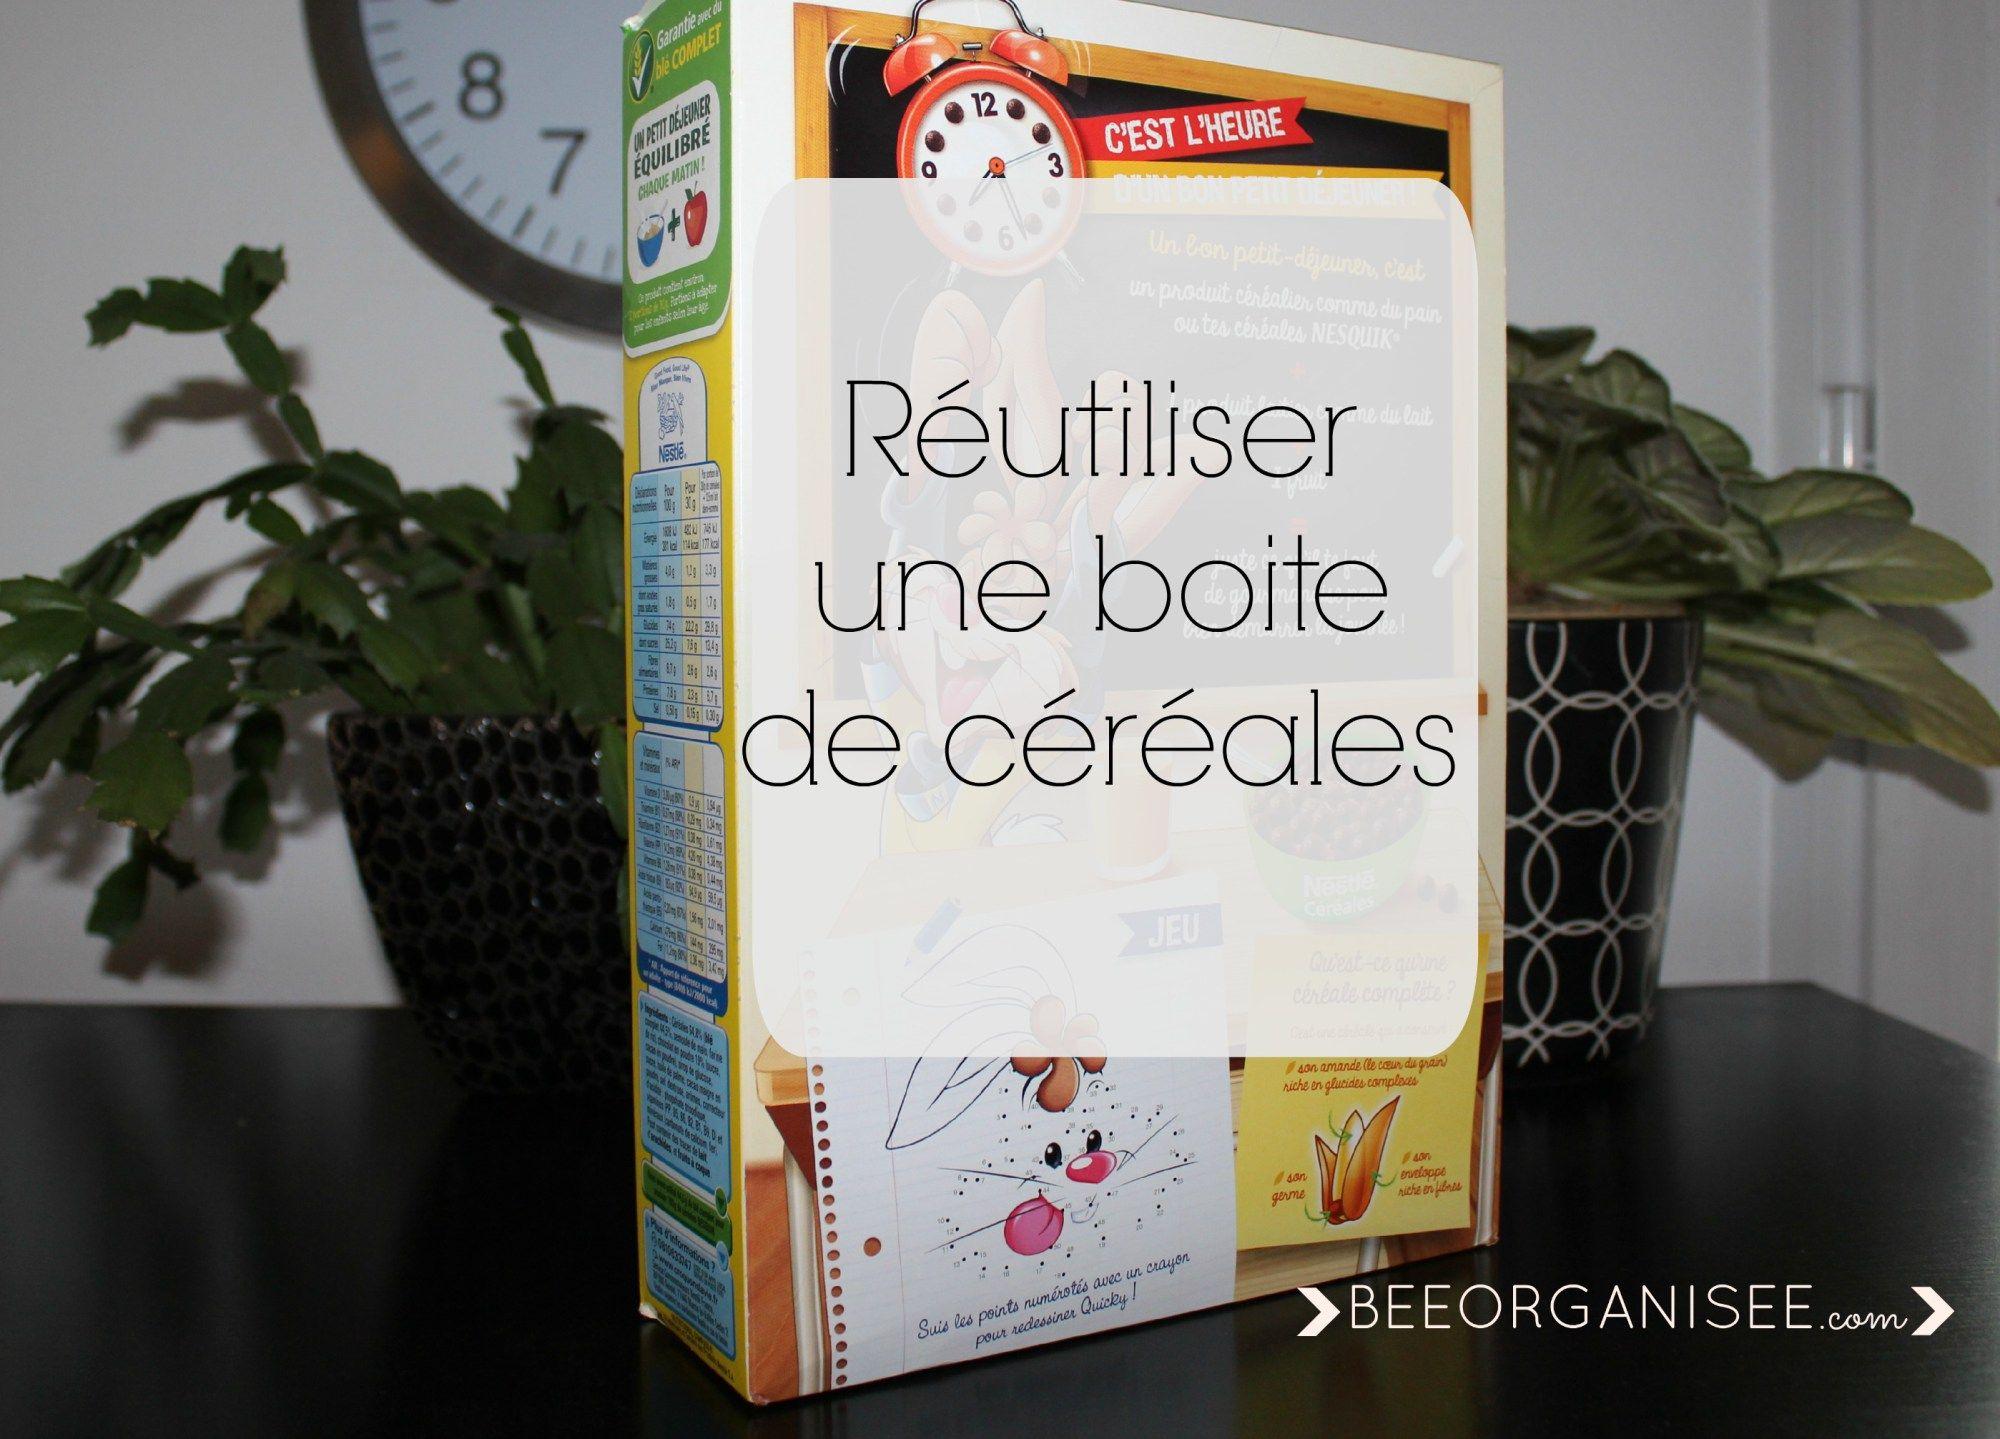 Réutiliser une boite de céréales | Réutiliser, Boîtes de céréales et Customiser boite